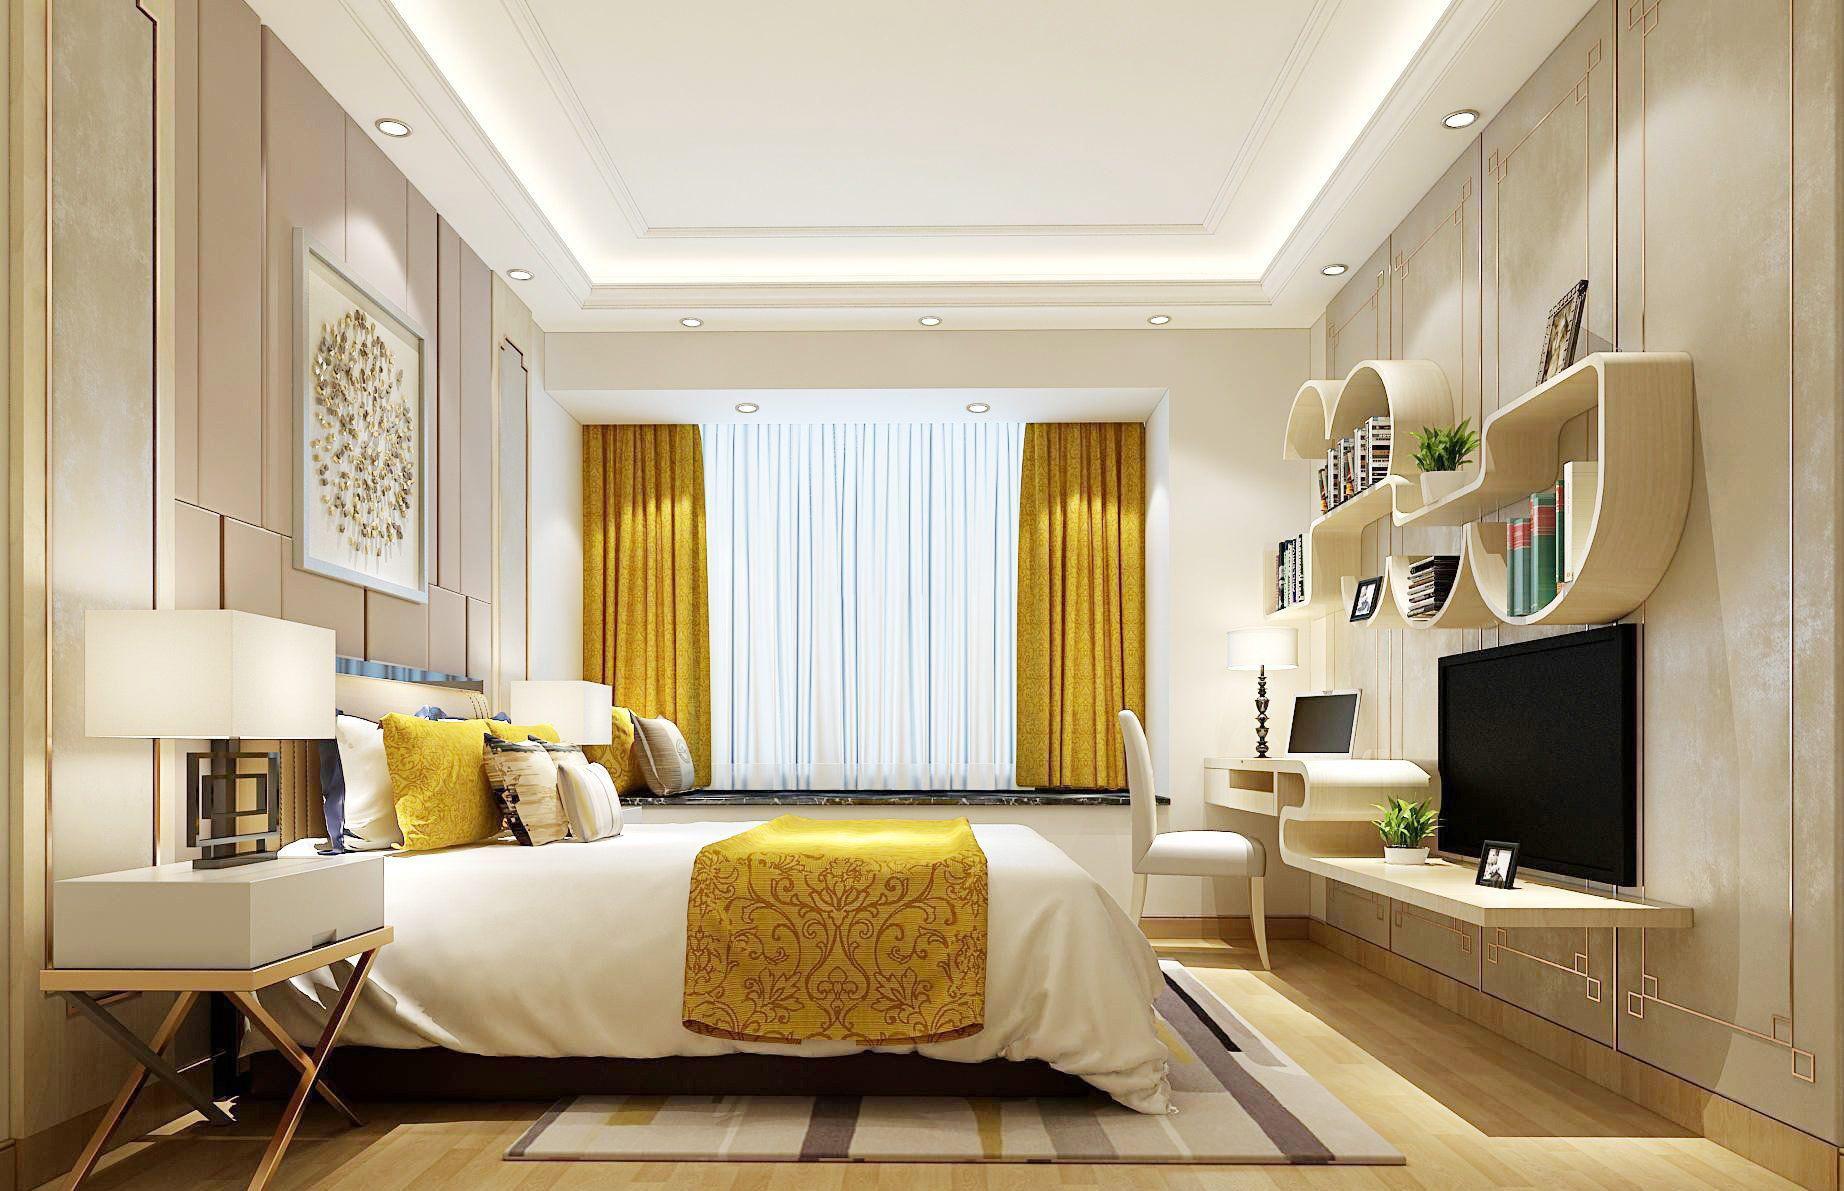 旧房翻新改造掌握这5种方法 旧房也能变新房!